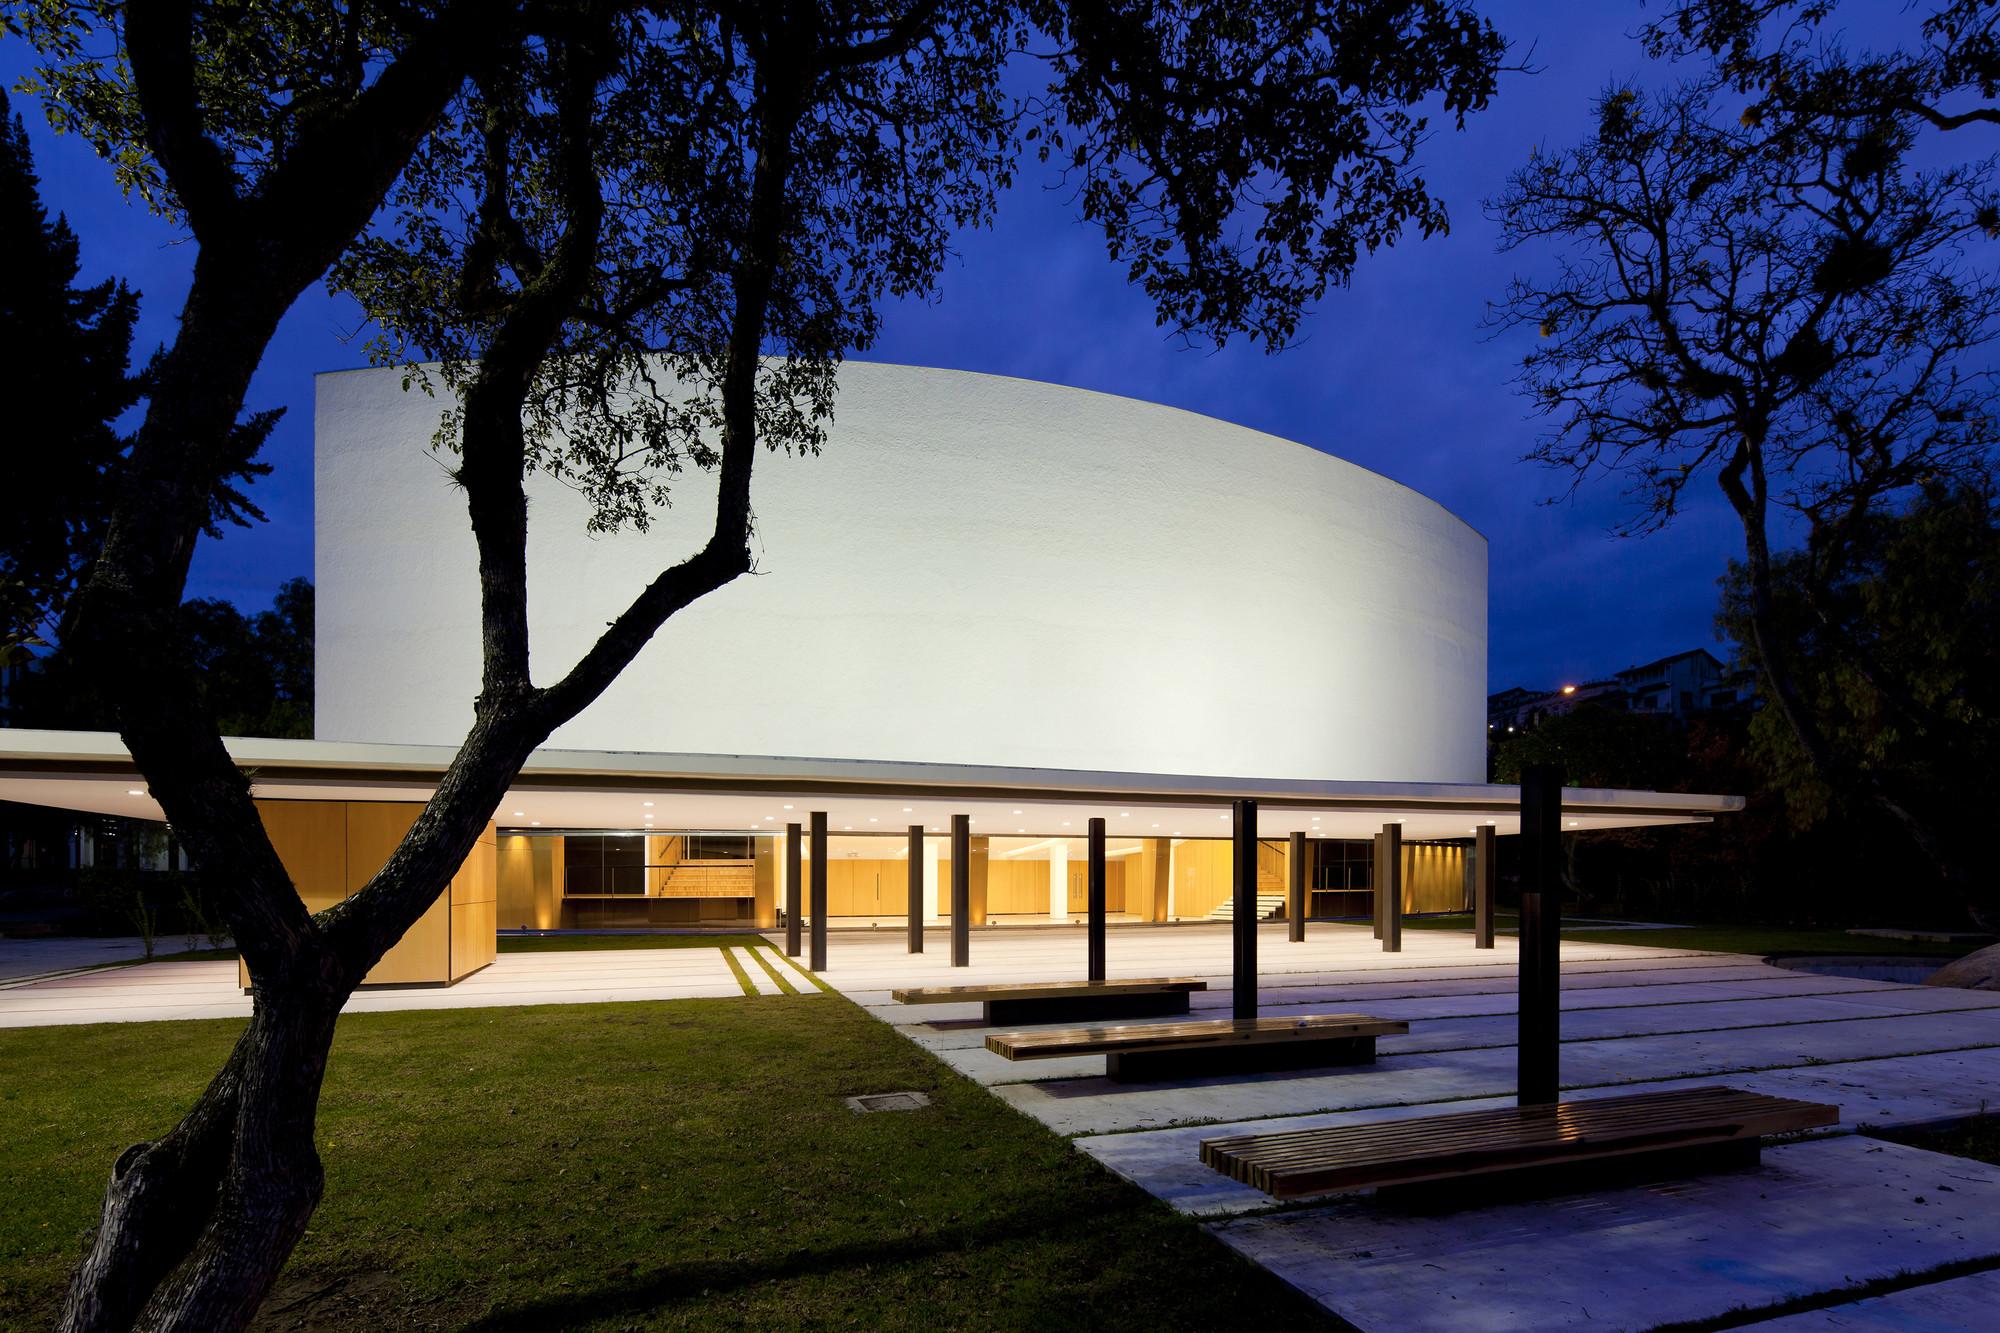 Teatro Universitario Carlos Cueva Tamariz / Javier Durán, © Sebastian Crespo